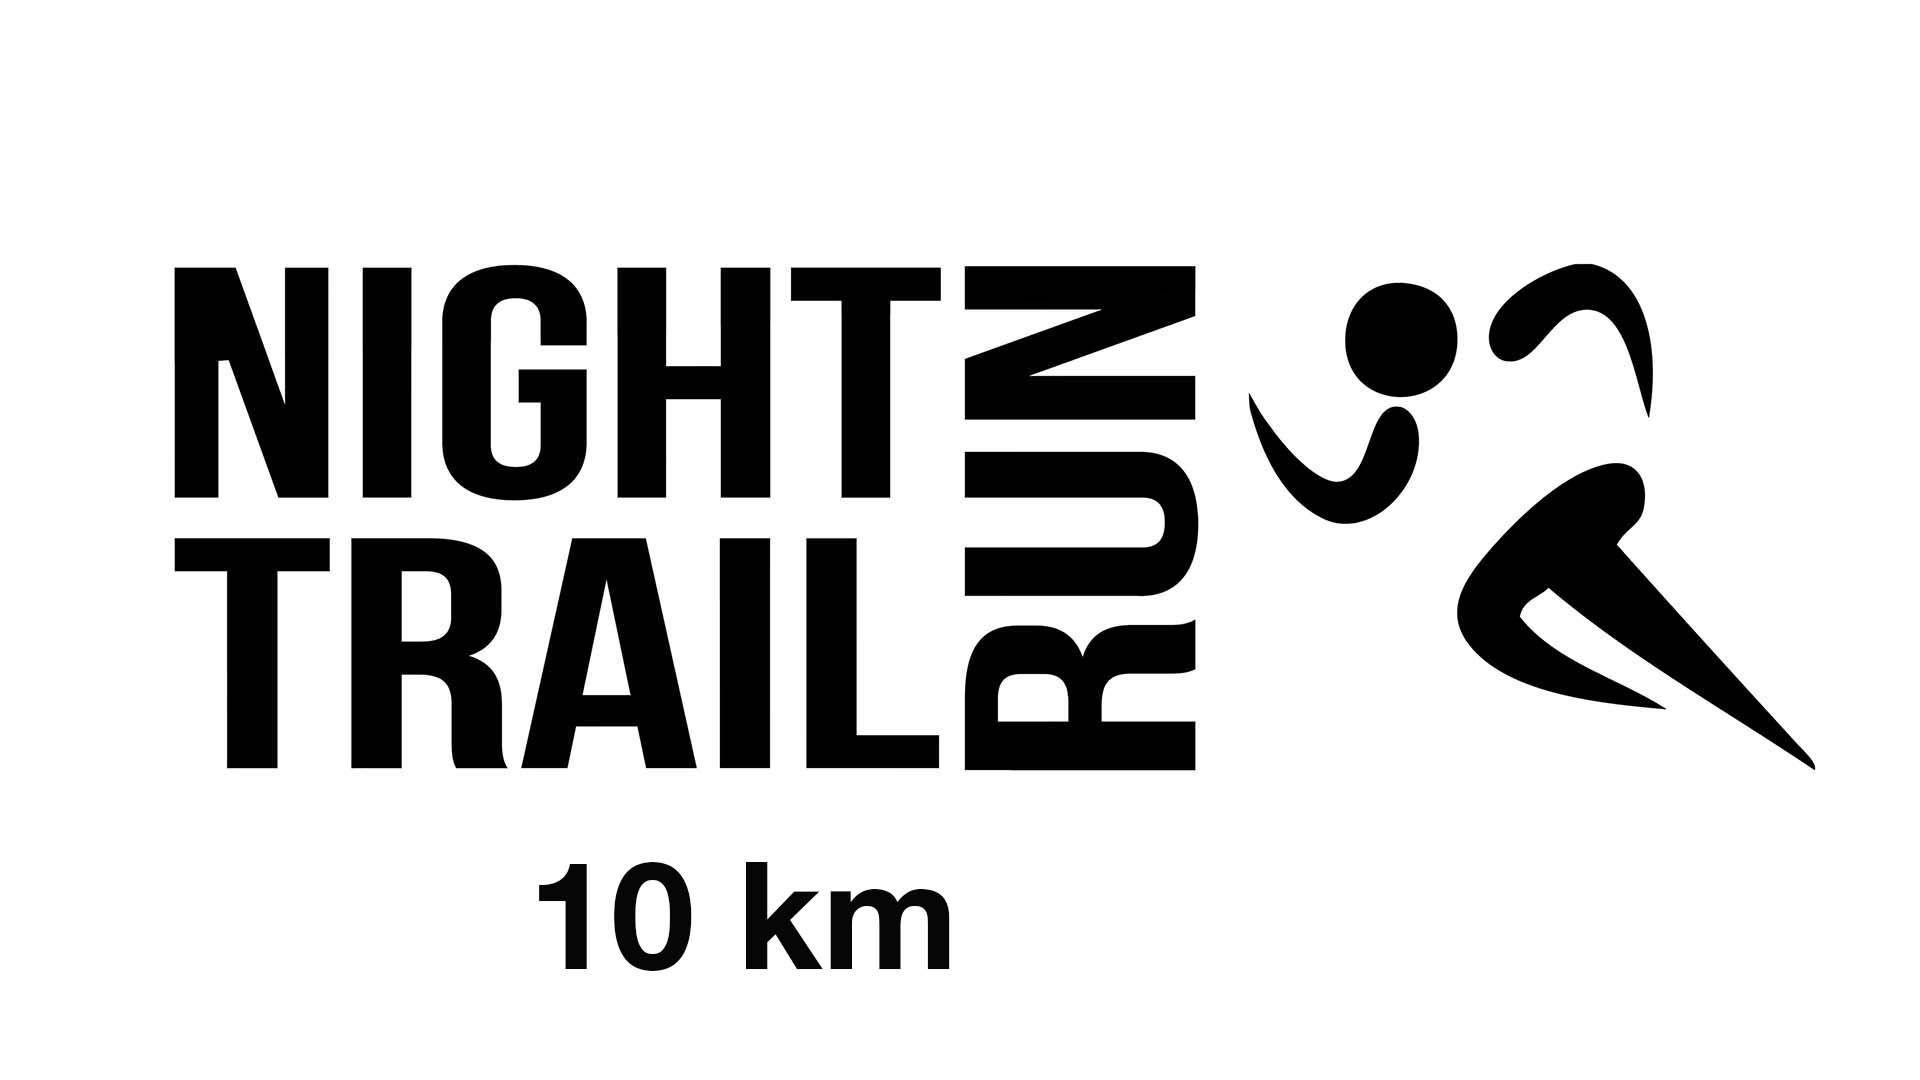 Night Trail Run 10 km